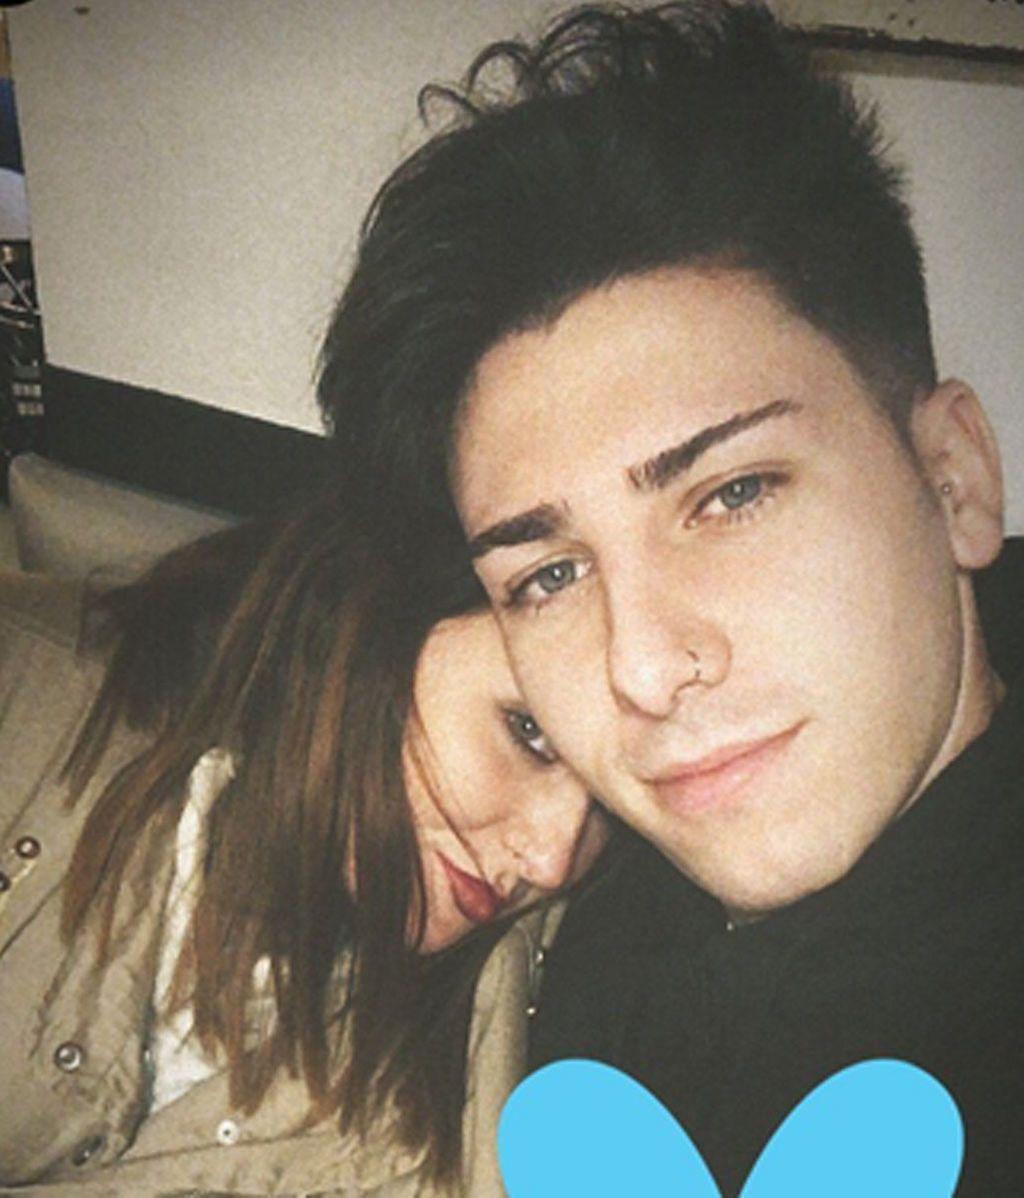 ¡Tiene 22 años y ojos azules! Rocío Flores presenta a su novio en redes